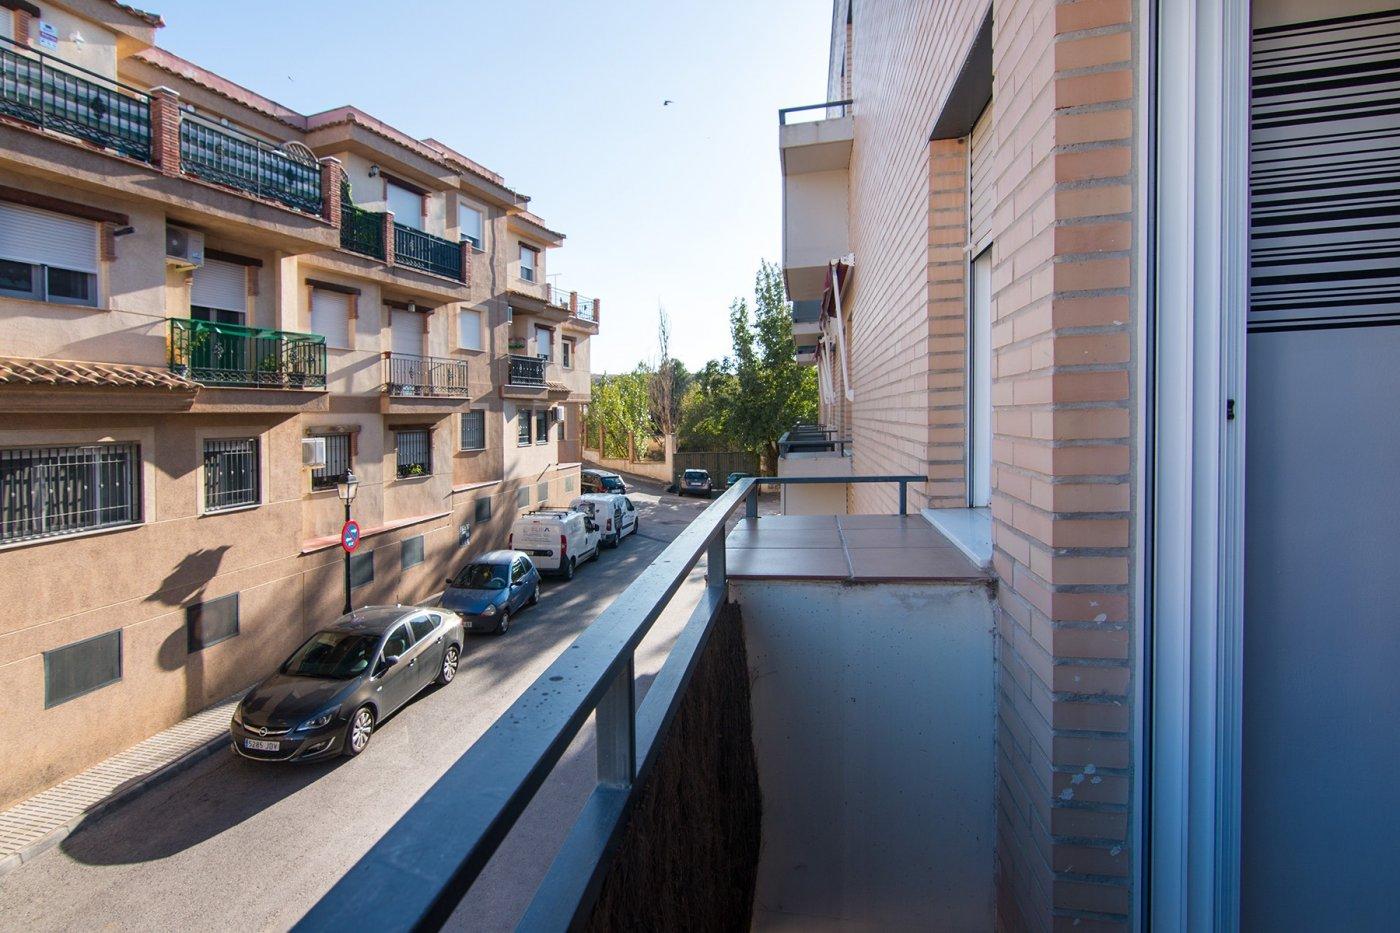 2 dormitorios y 2 cuartos de baño completos. Cocina independiente amueblada y con electrodomesticos, Granada